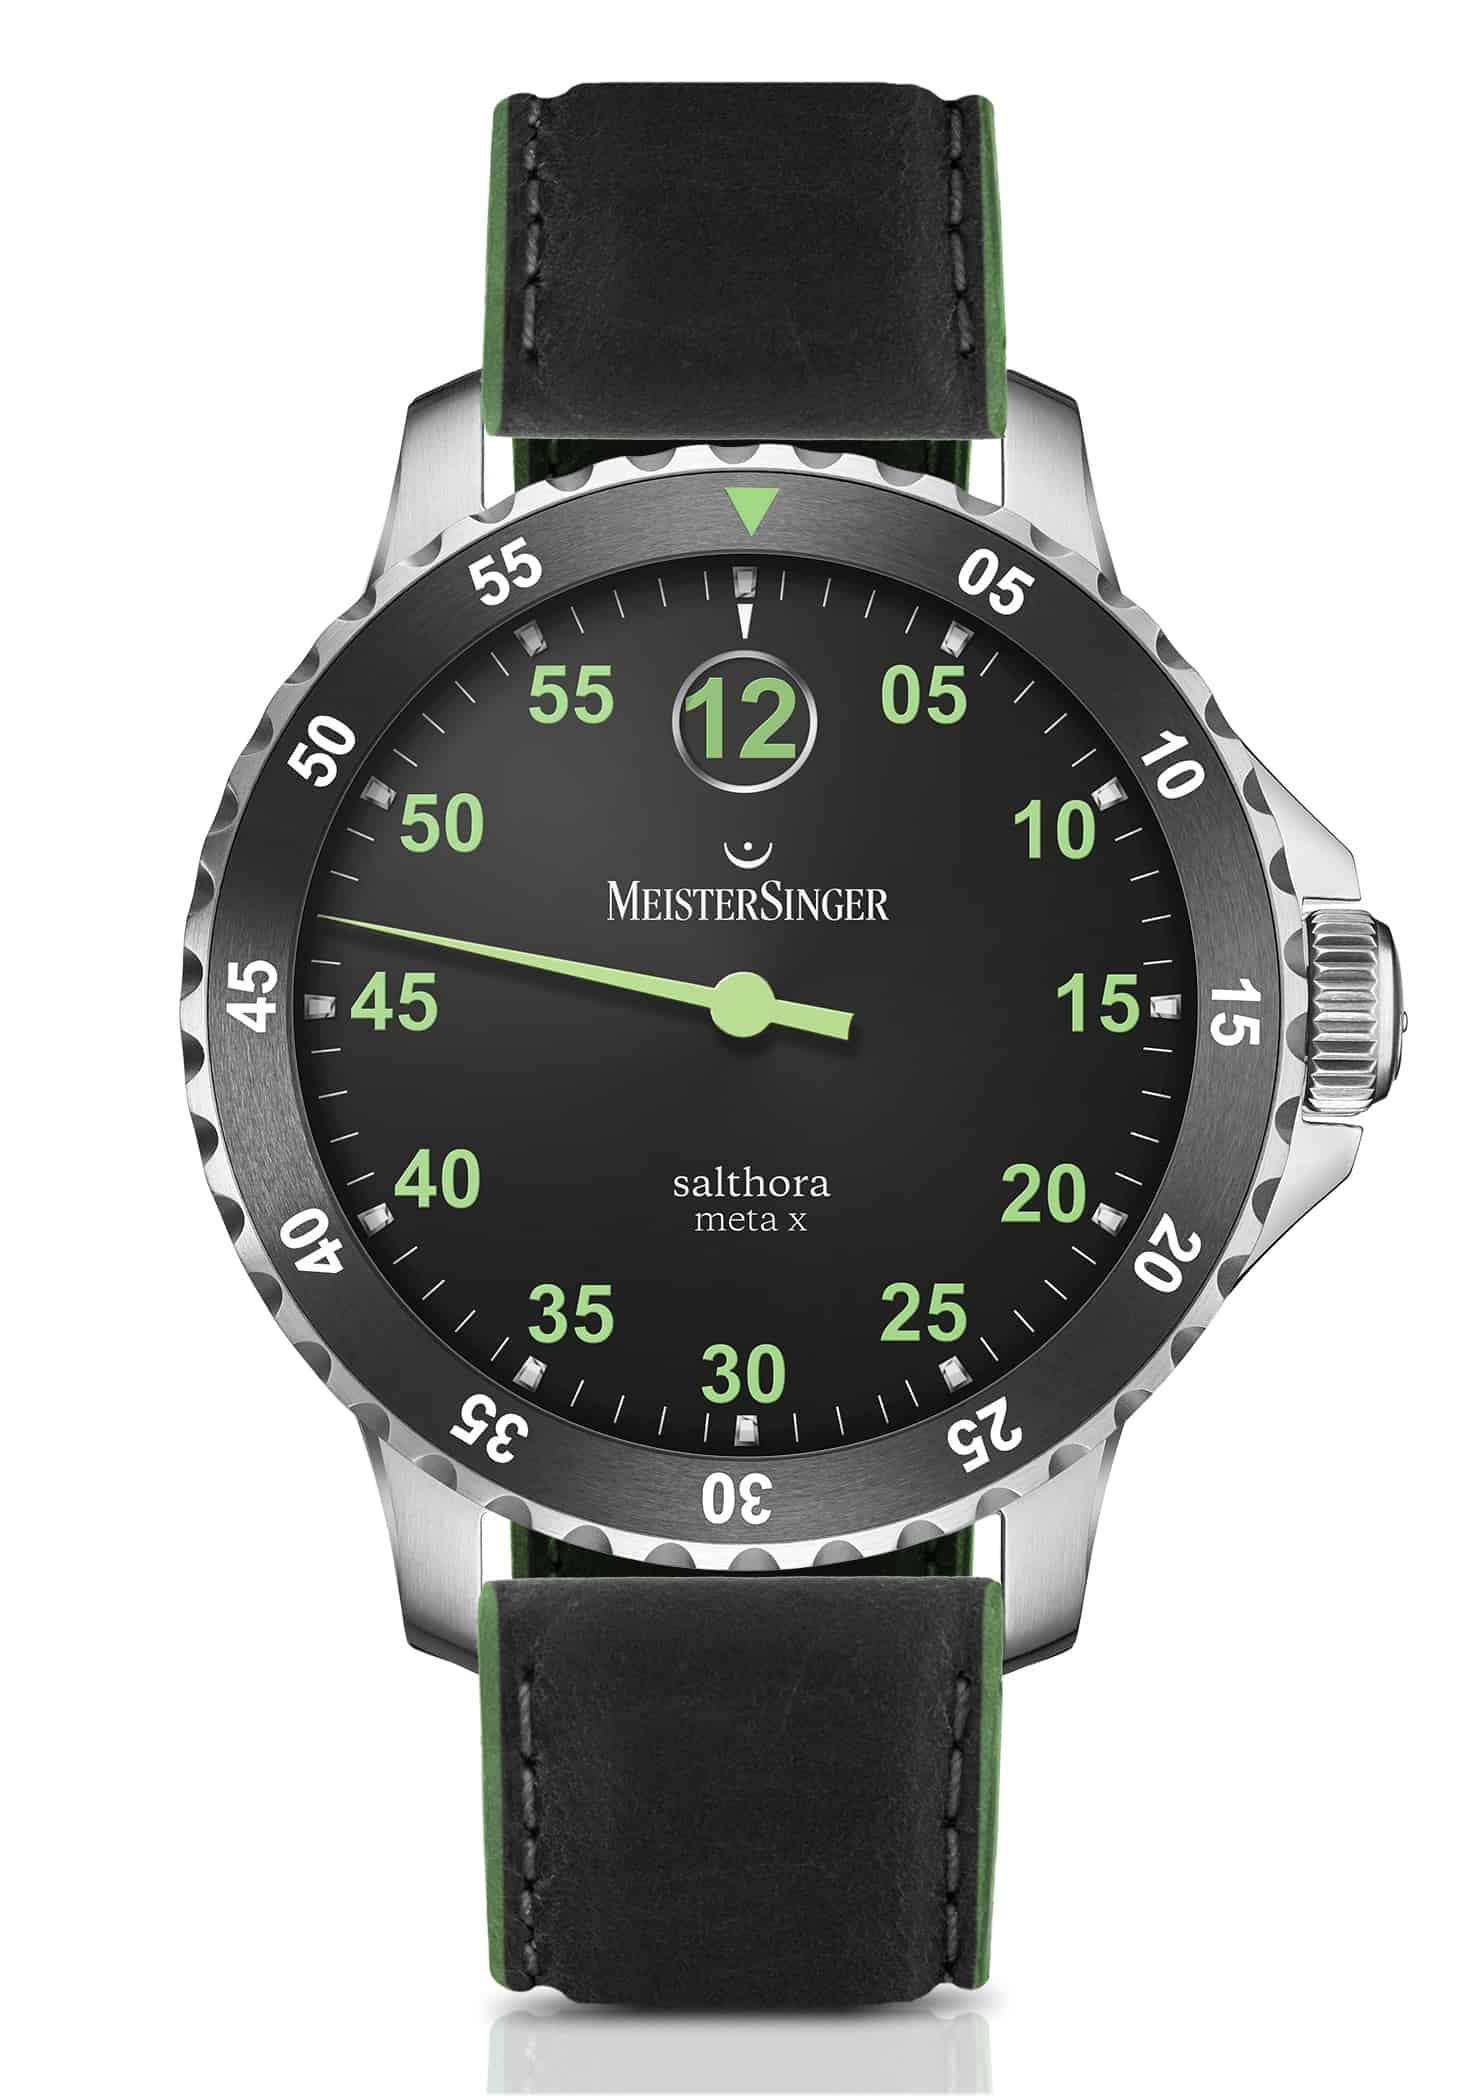 """Das MeisterSinger Armbanduhrenmodell Salthora Meta X"""" mit digitaler Stundenindikation und Minutenzeiger"""